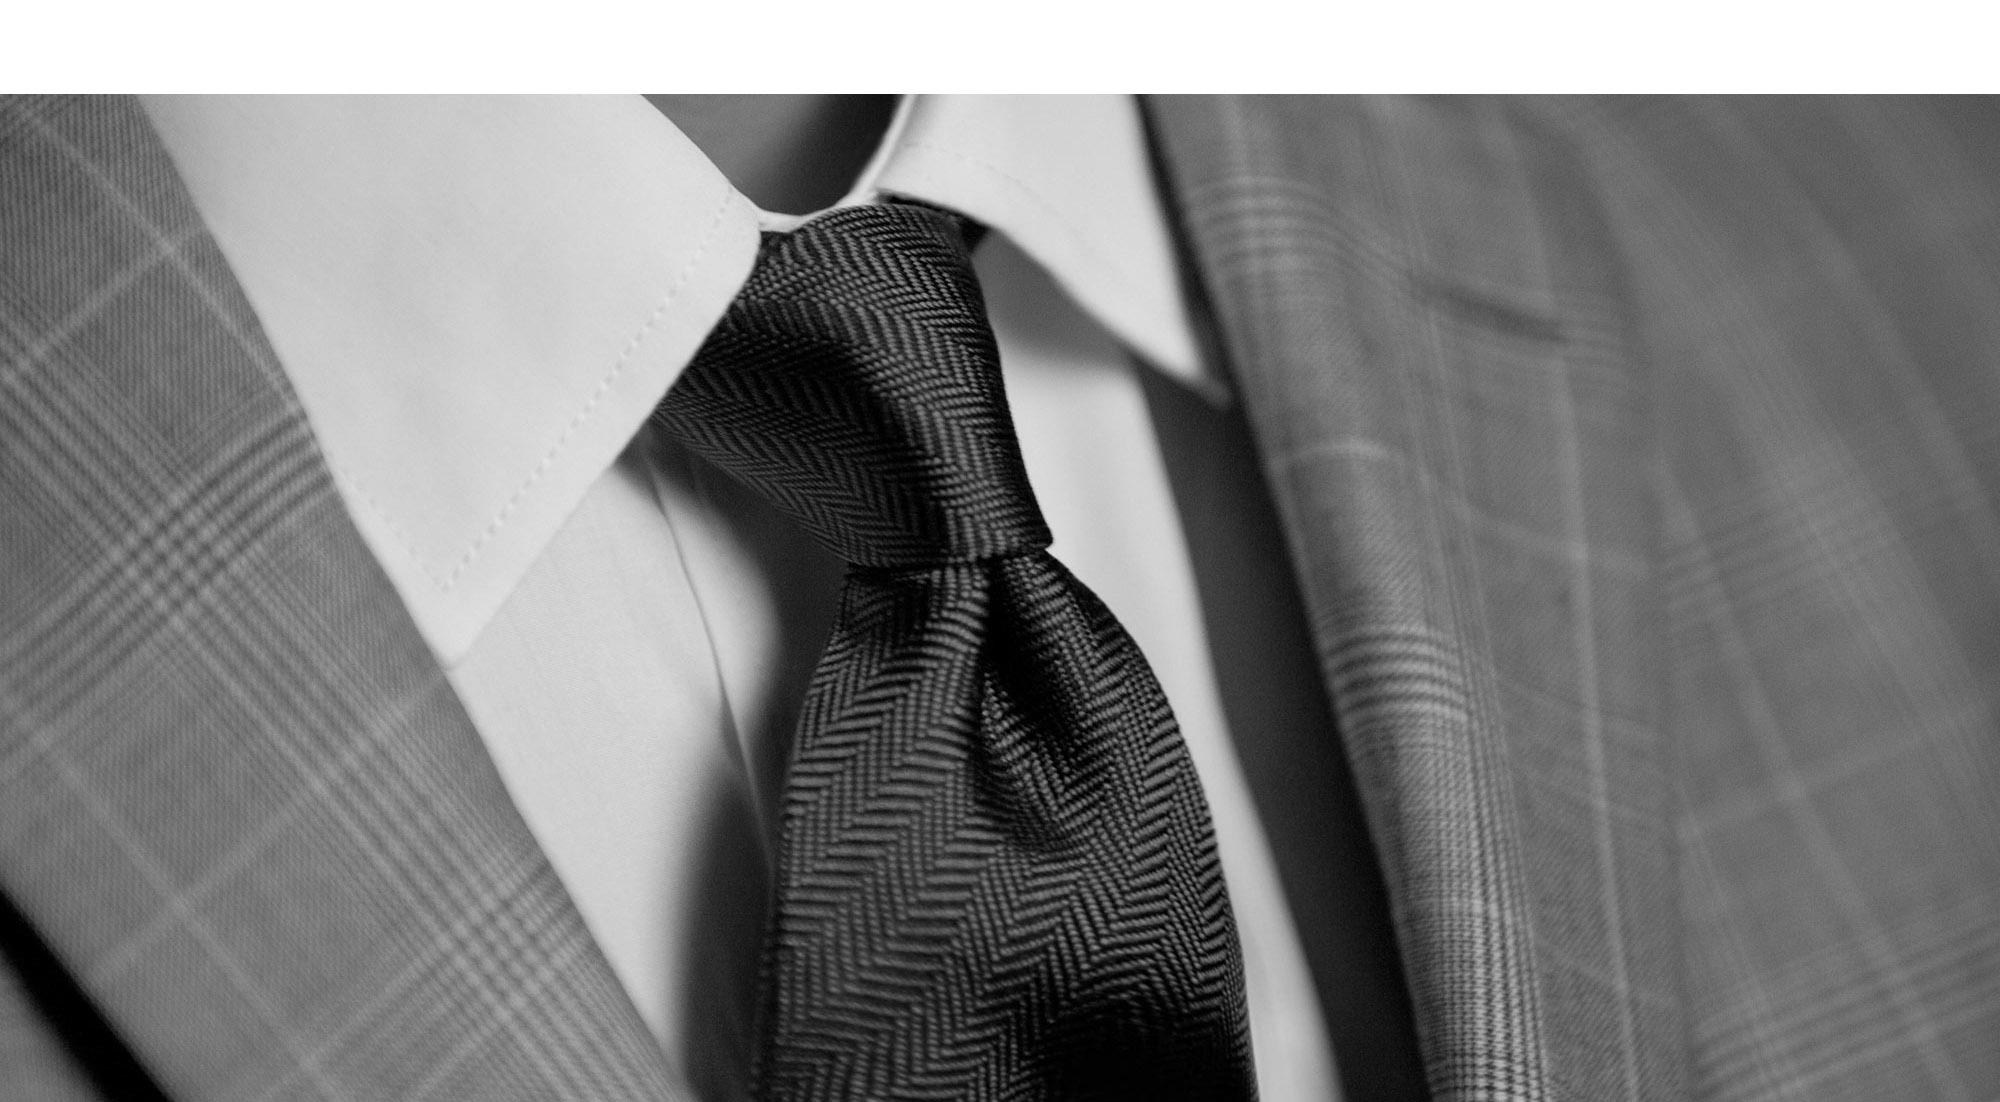 Existen distintos tipos de nudos para corbatas, tómate unos minutos más y cambia tu estilo sin dejar de lado la elegancia y formalidad